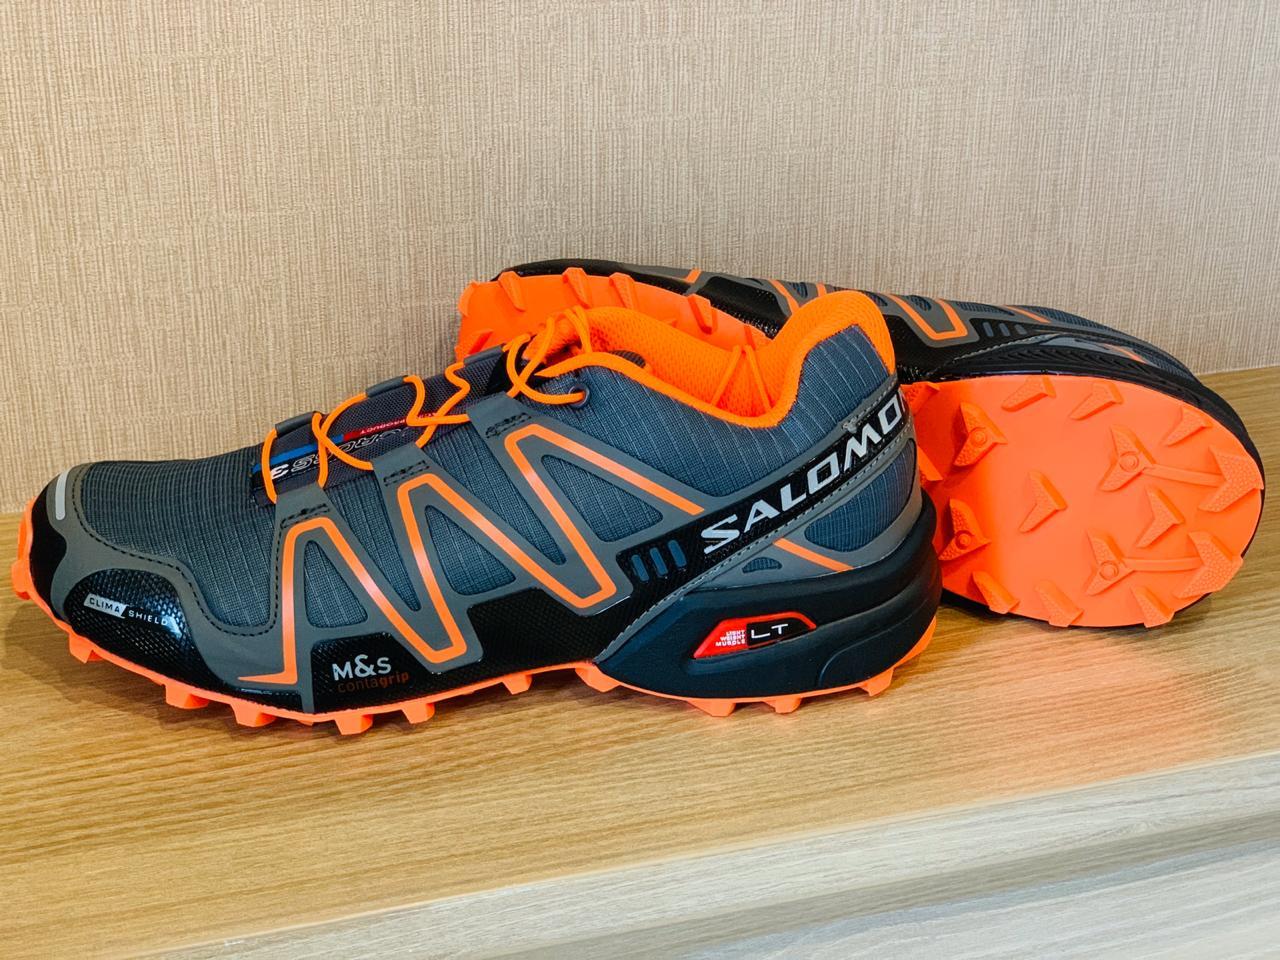 Salomon Golf Shoes US 8.5